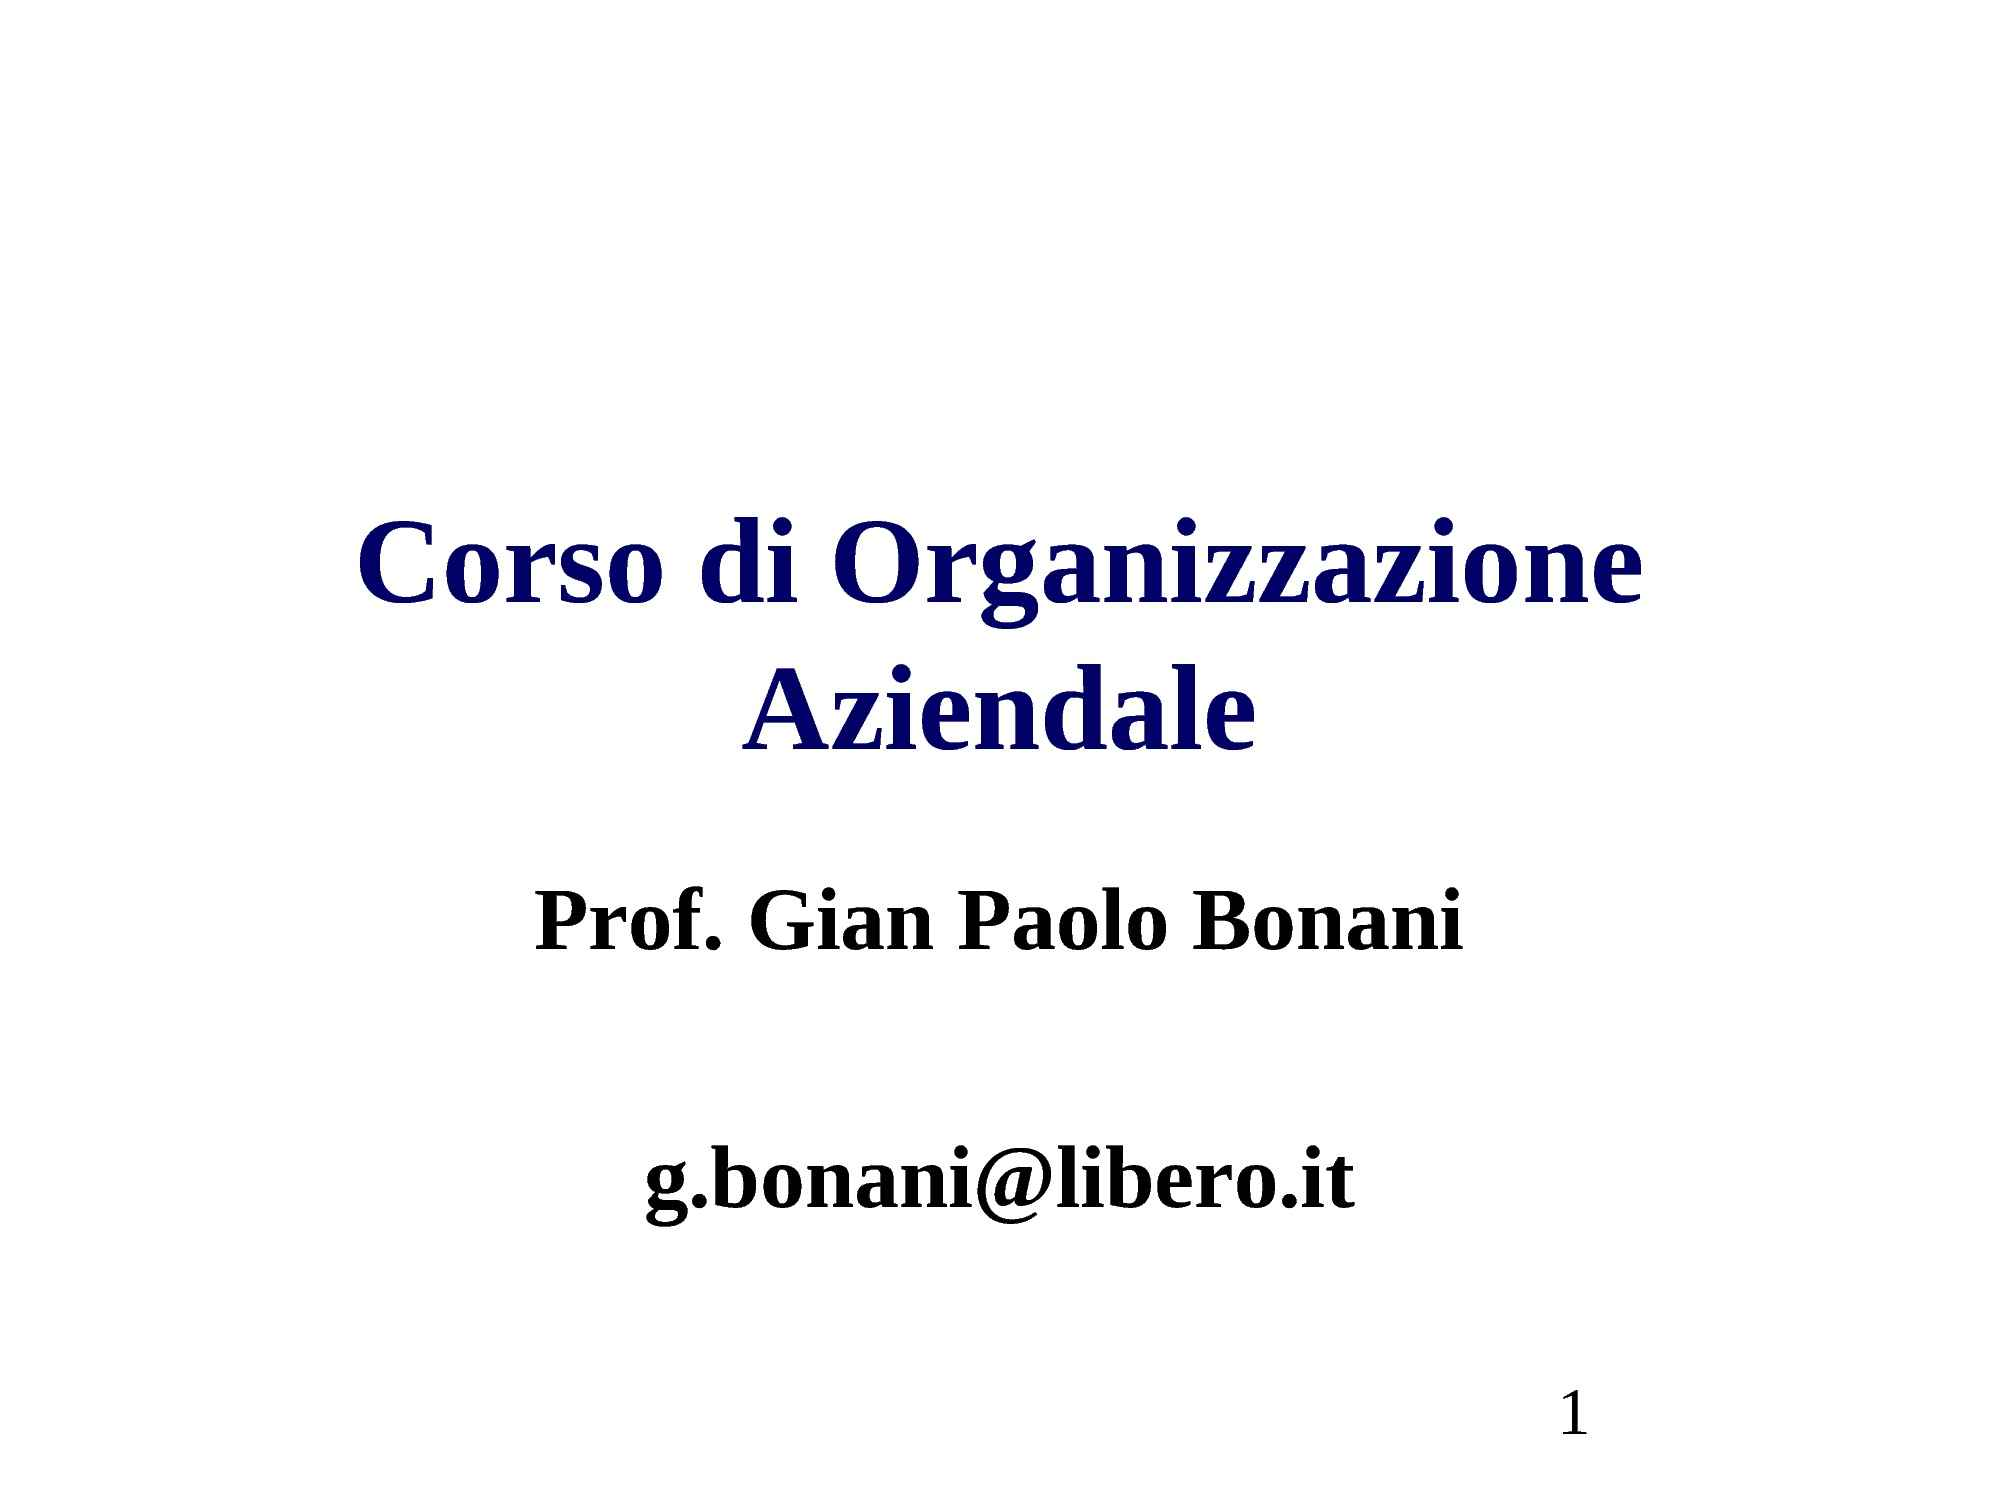 Organizzazioni - Analisi e progettazione